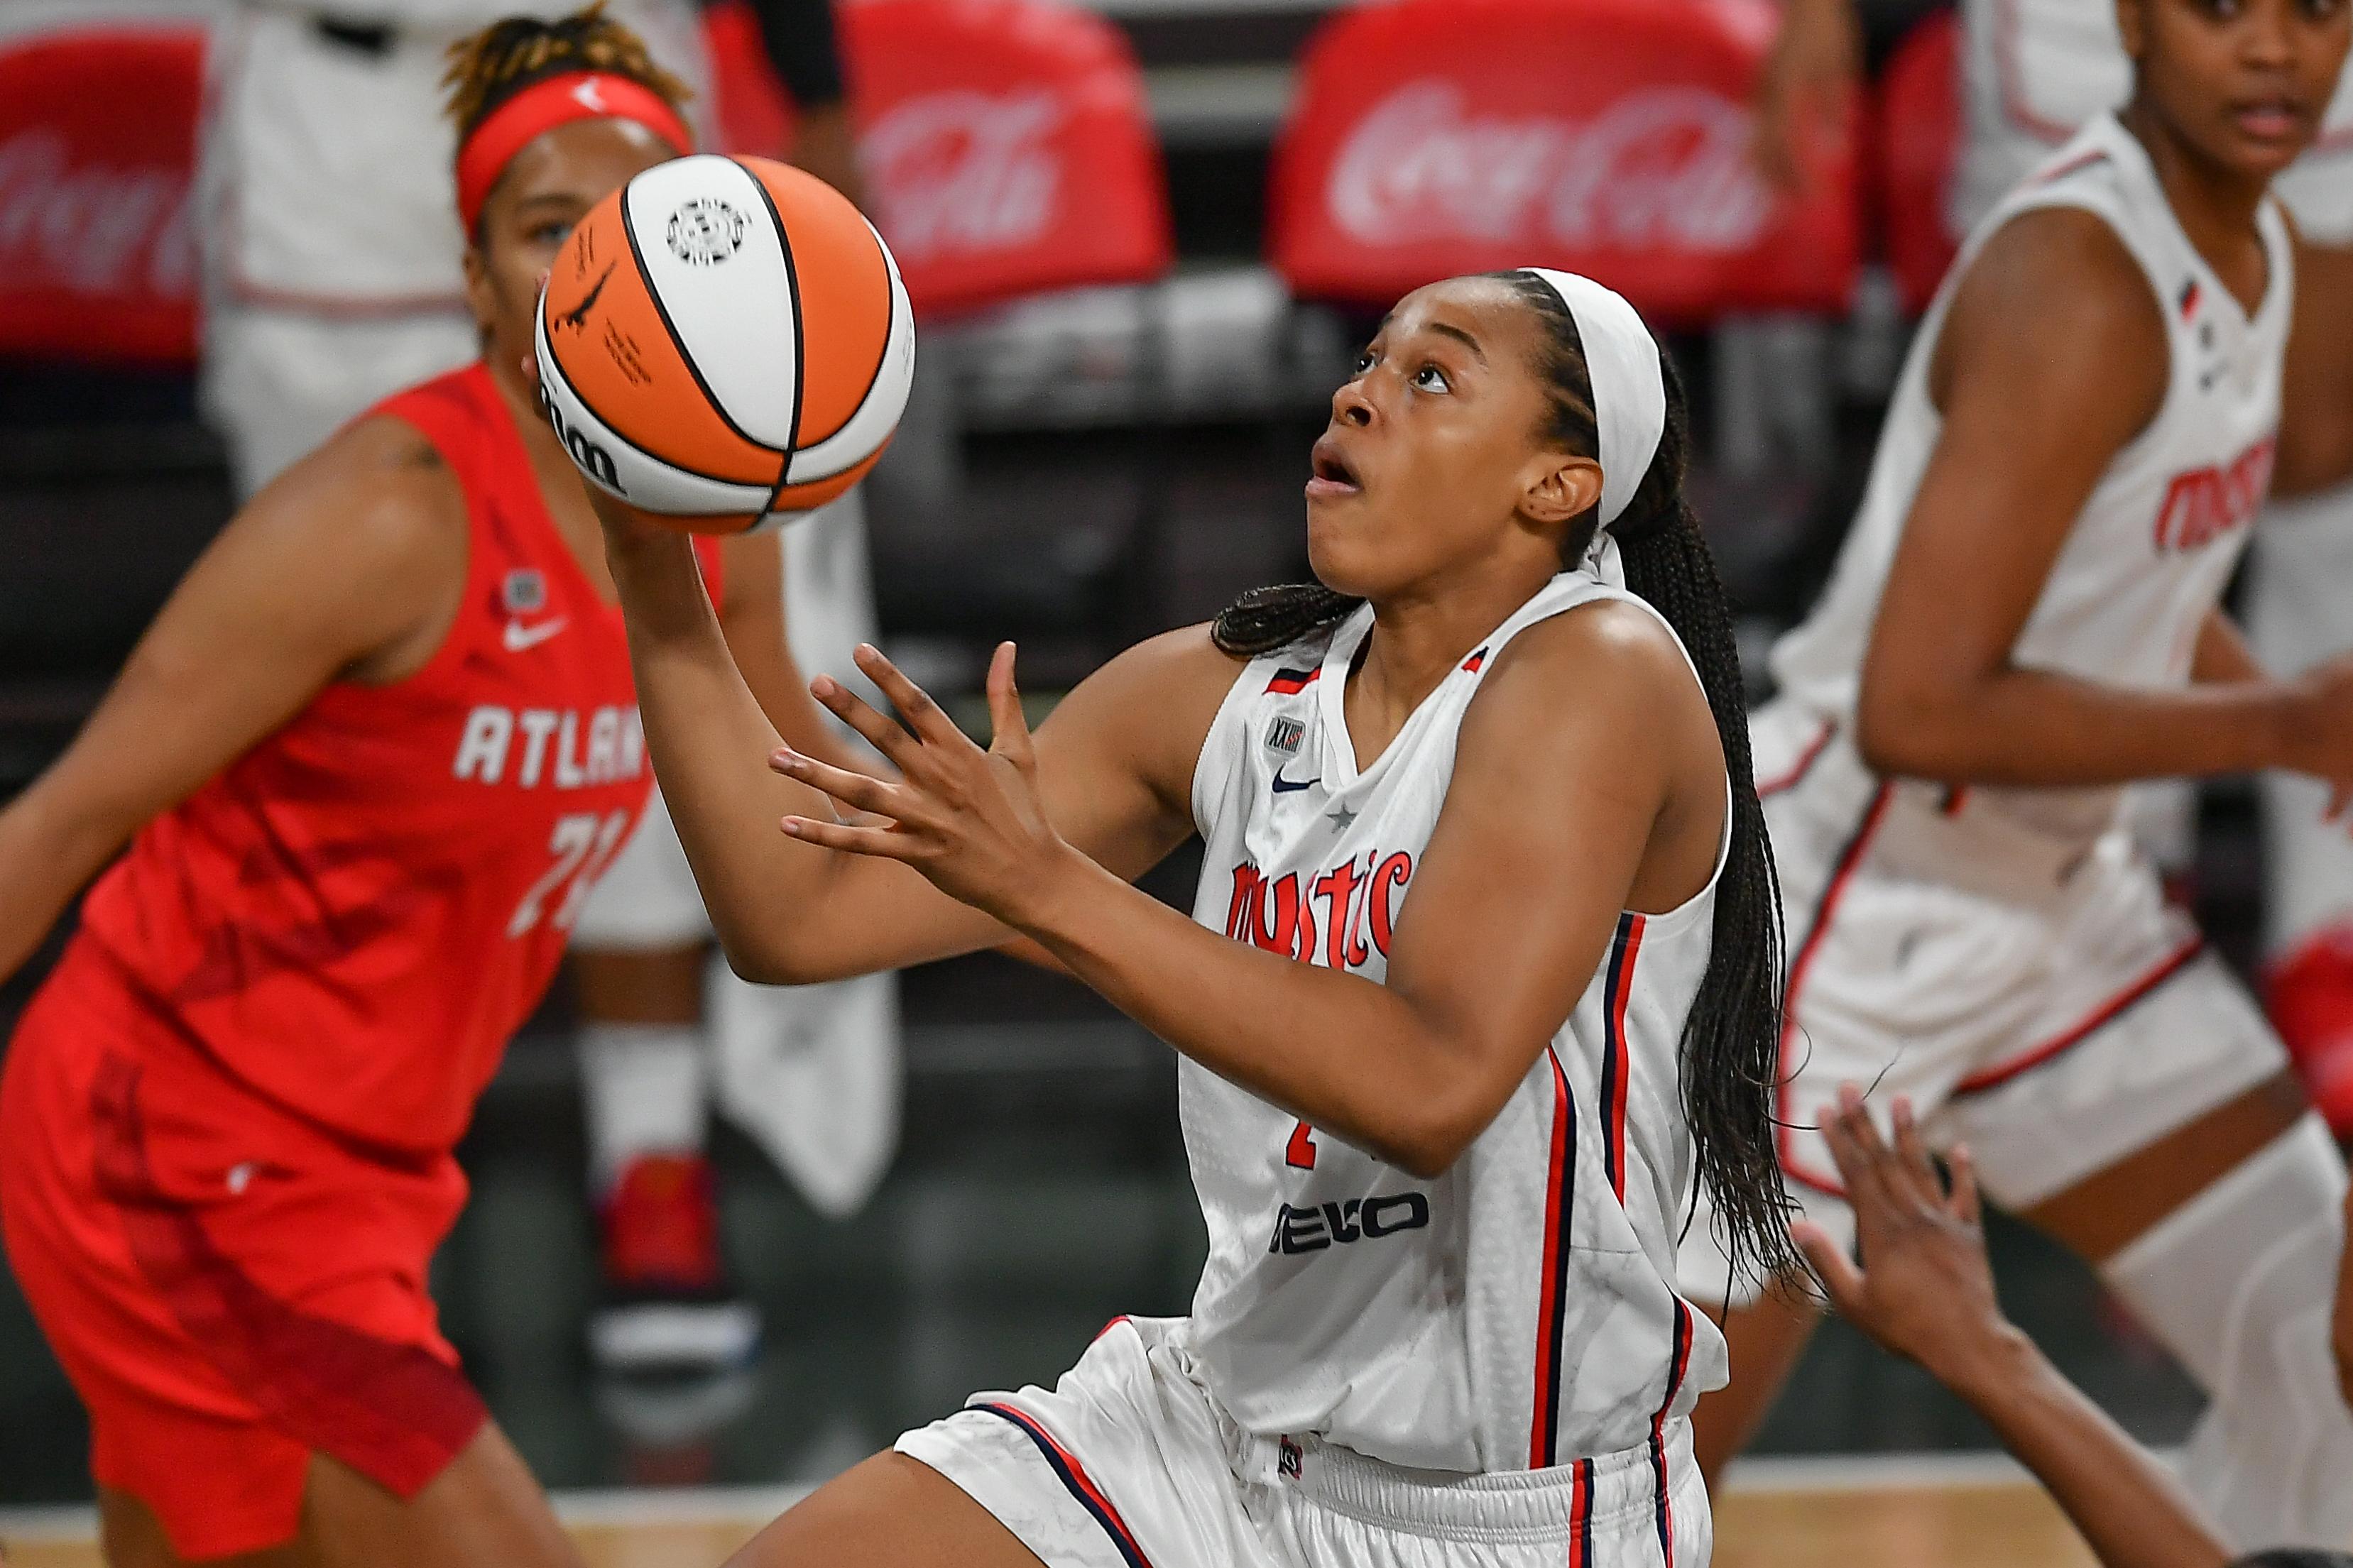 WNBA: JUN 13 Washington Mystics at Atlanta Dream